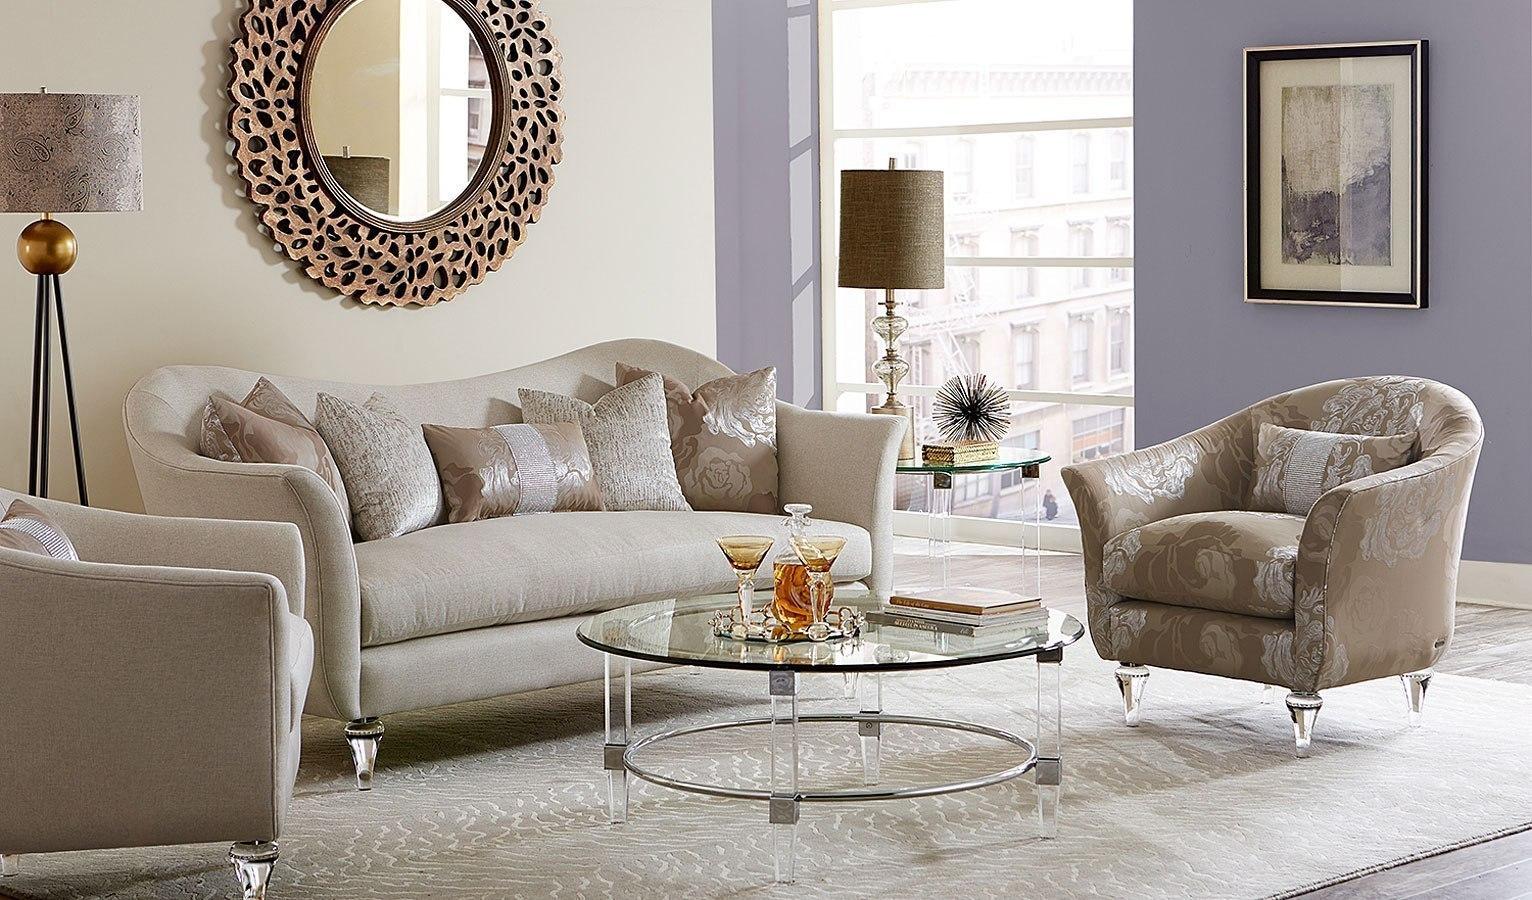 Studio rodeo living room set aico furniture furniture cart for Aico furniture living room set